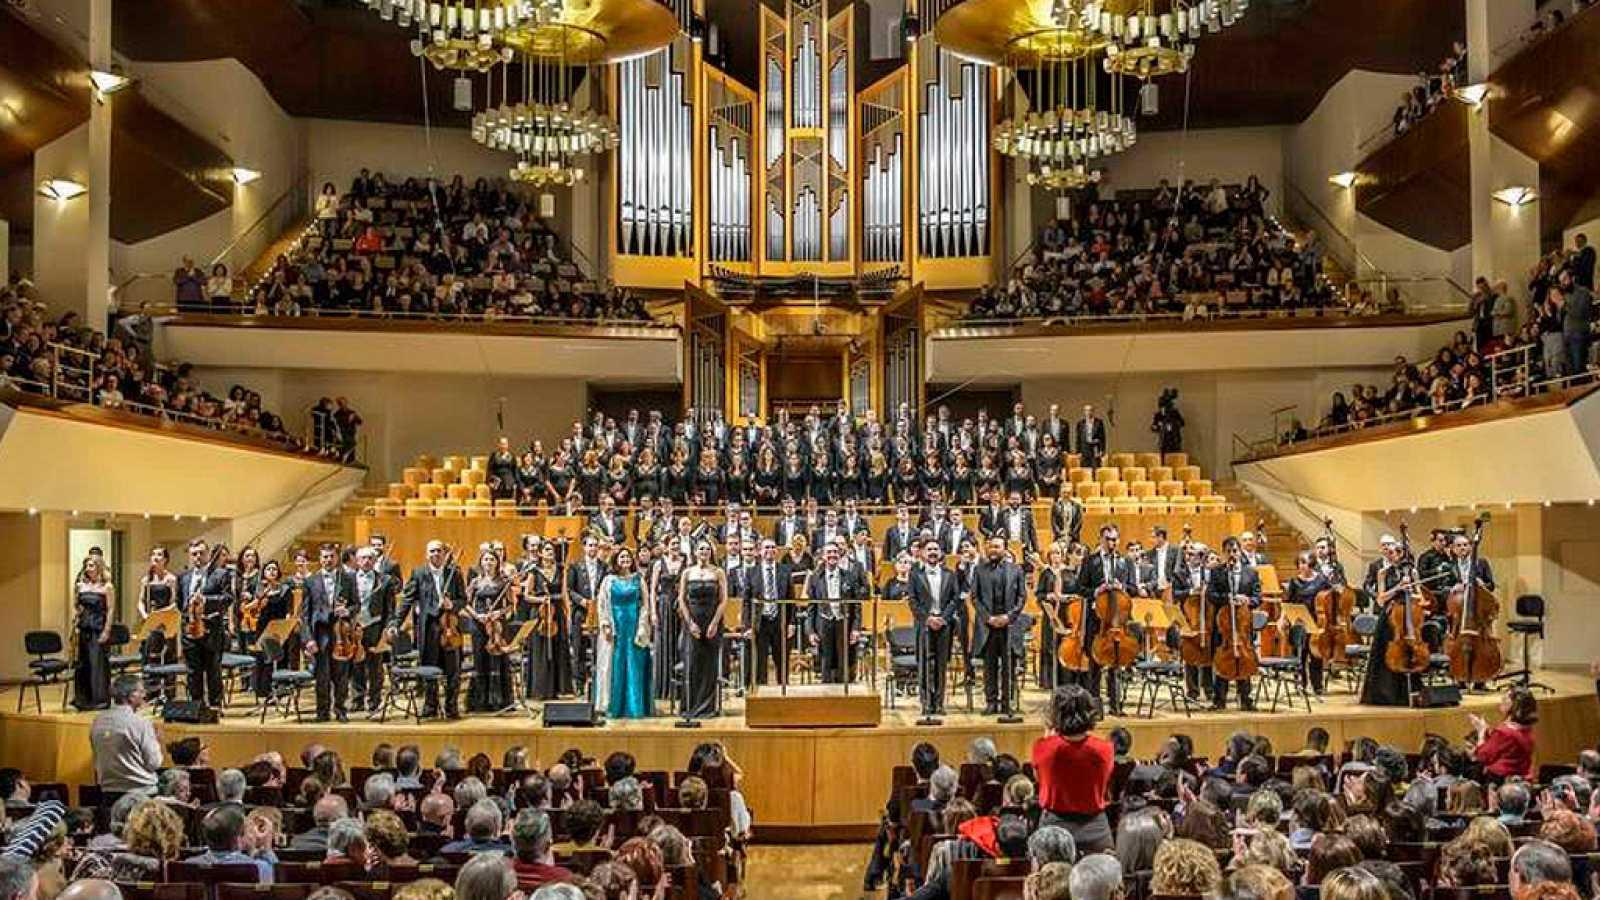 XVII concierto In Memoriam Homenaje a las víctimas del terrorismo - ver ahora